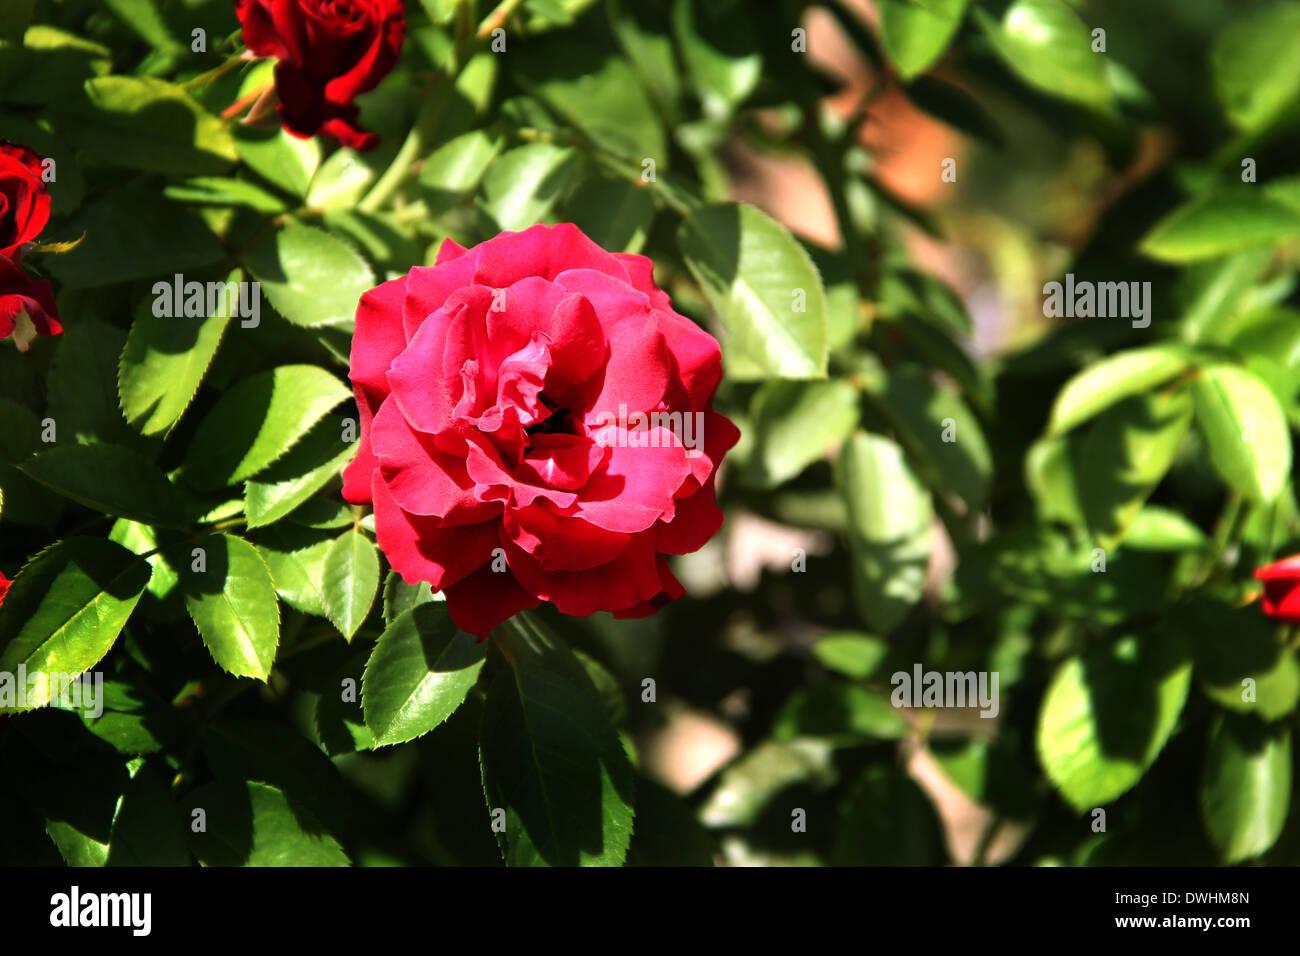 sch ne rote rosen im garten am sonnigen tag stockfoto bild 67386613 alamy. Black Bedroom Furniture Sets. Home Design Ideas